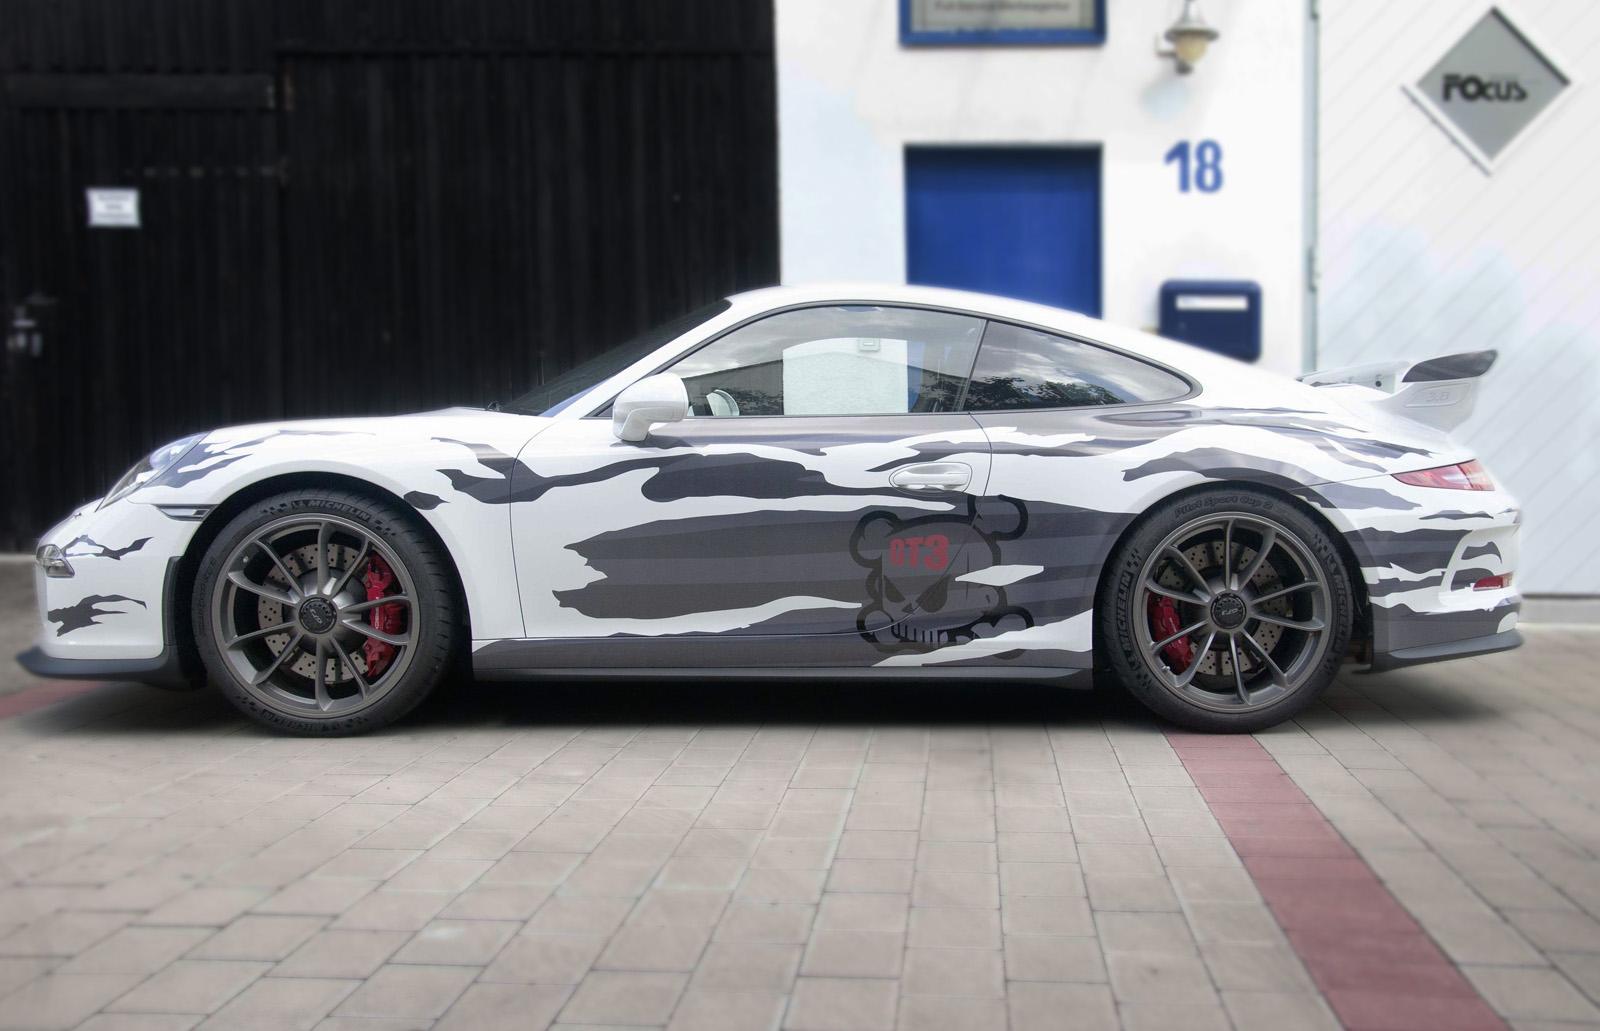 Seitliche Aufnahme der Porsche GT3 Beklebung in einem grauen Streifendesign mit zerissenen Flächen.